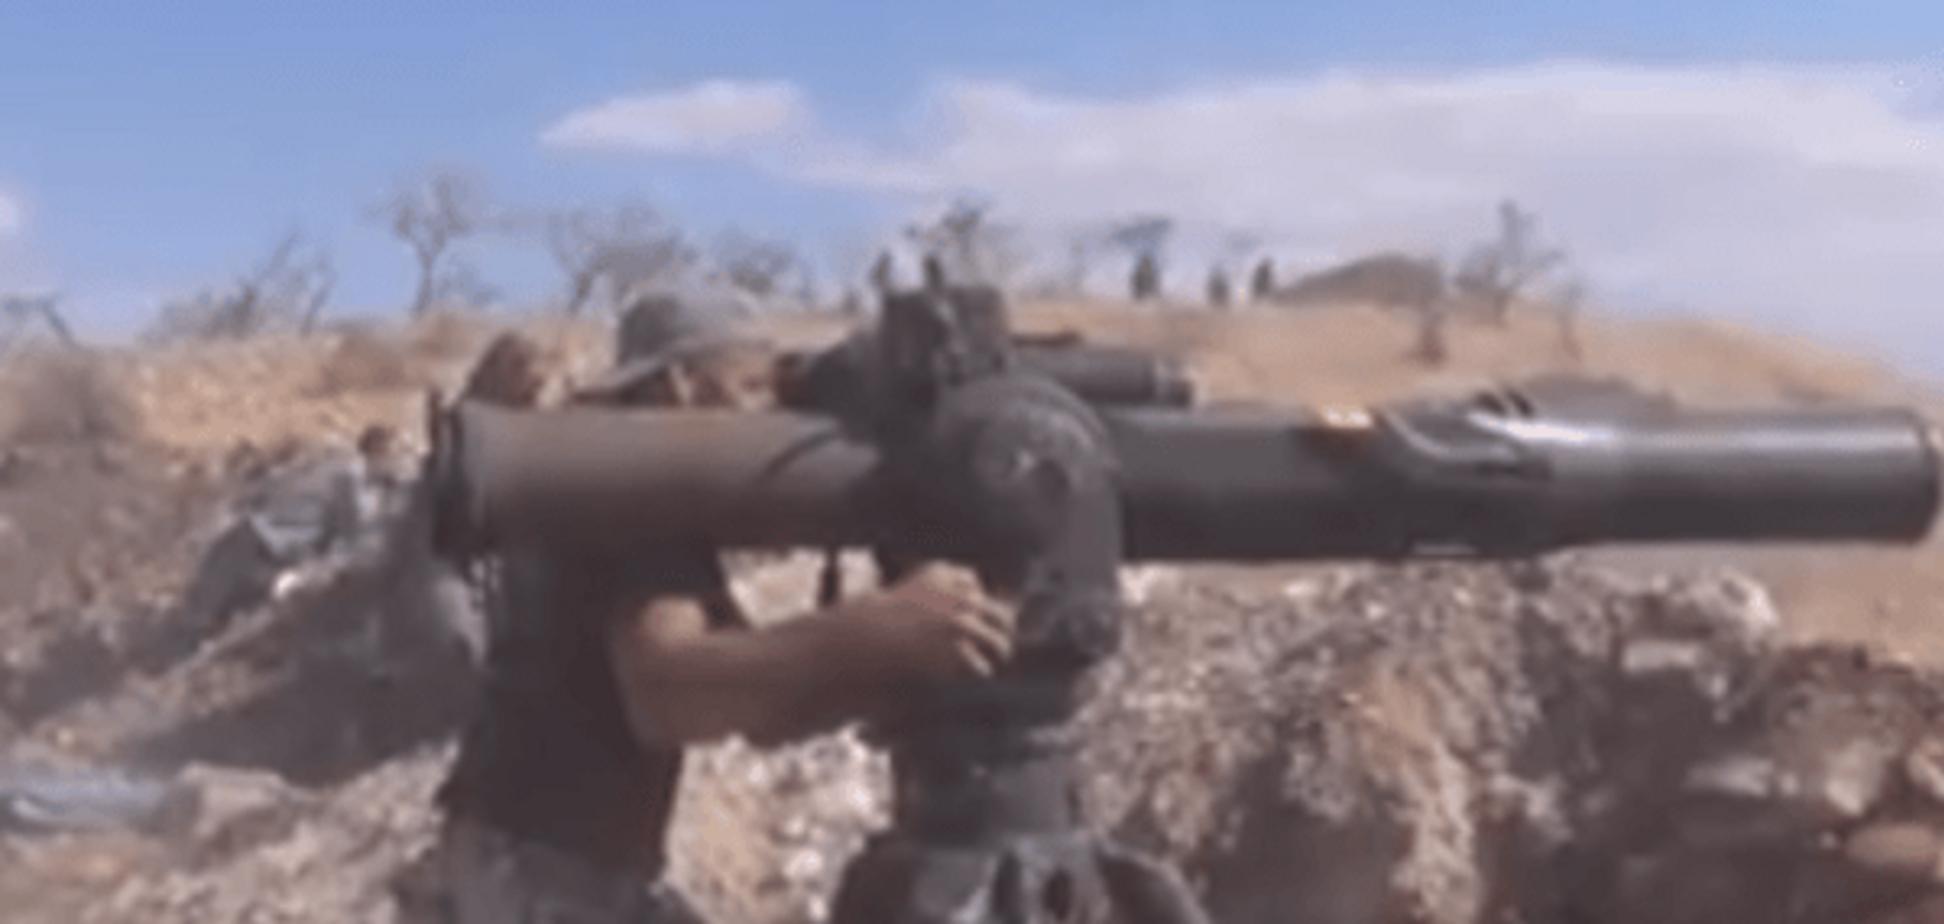 Горять, як сірники. У мережі показали, як повстанці палять танки Асада